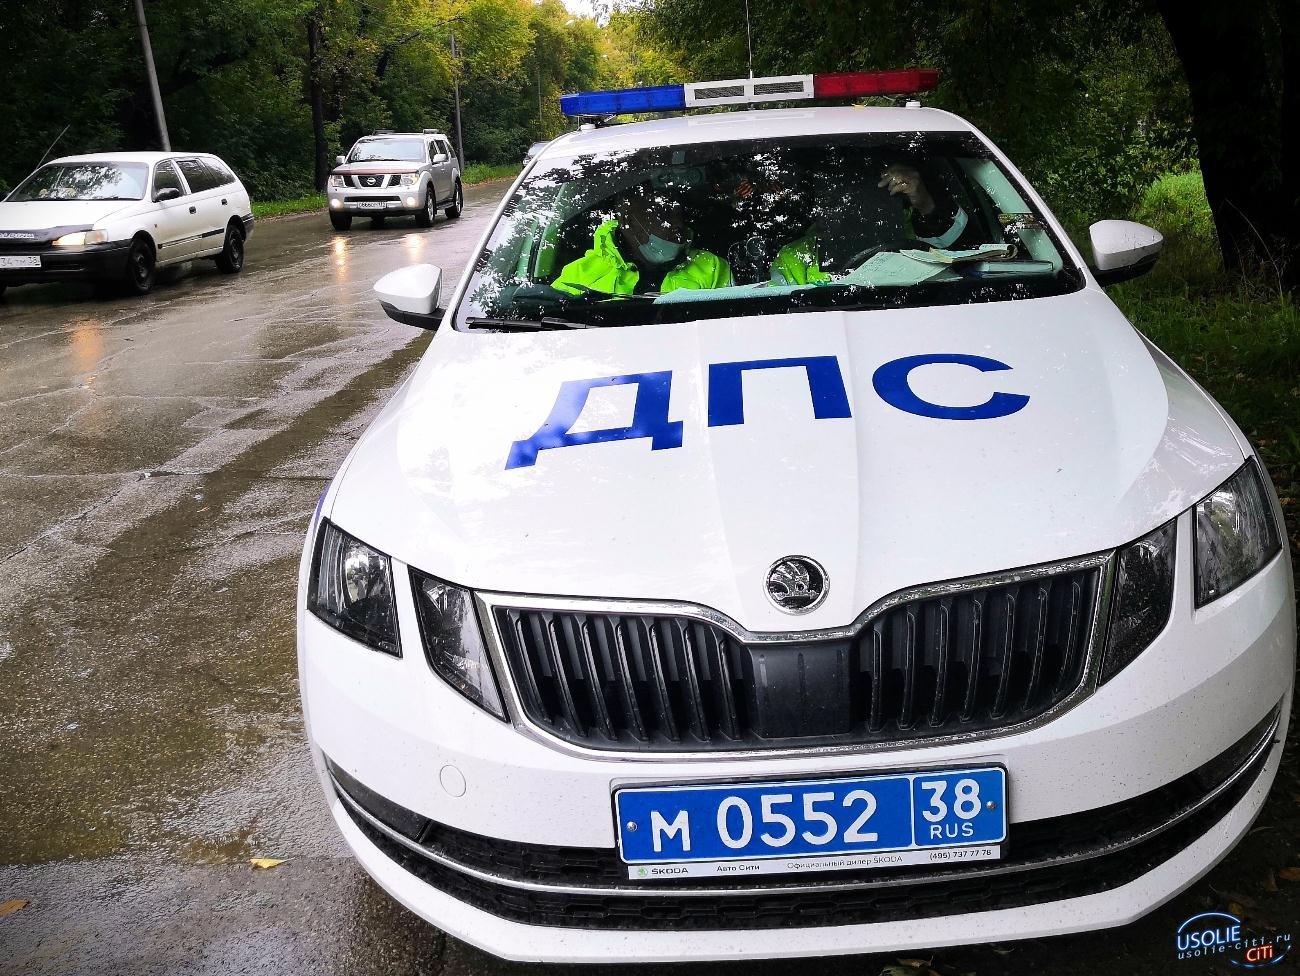 Сегодня ГИБДД Усолья устроит массовые проверки на дорогах